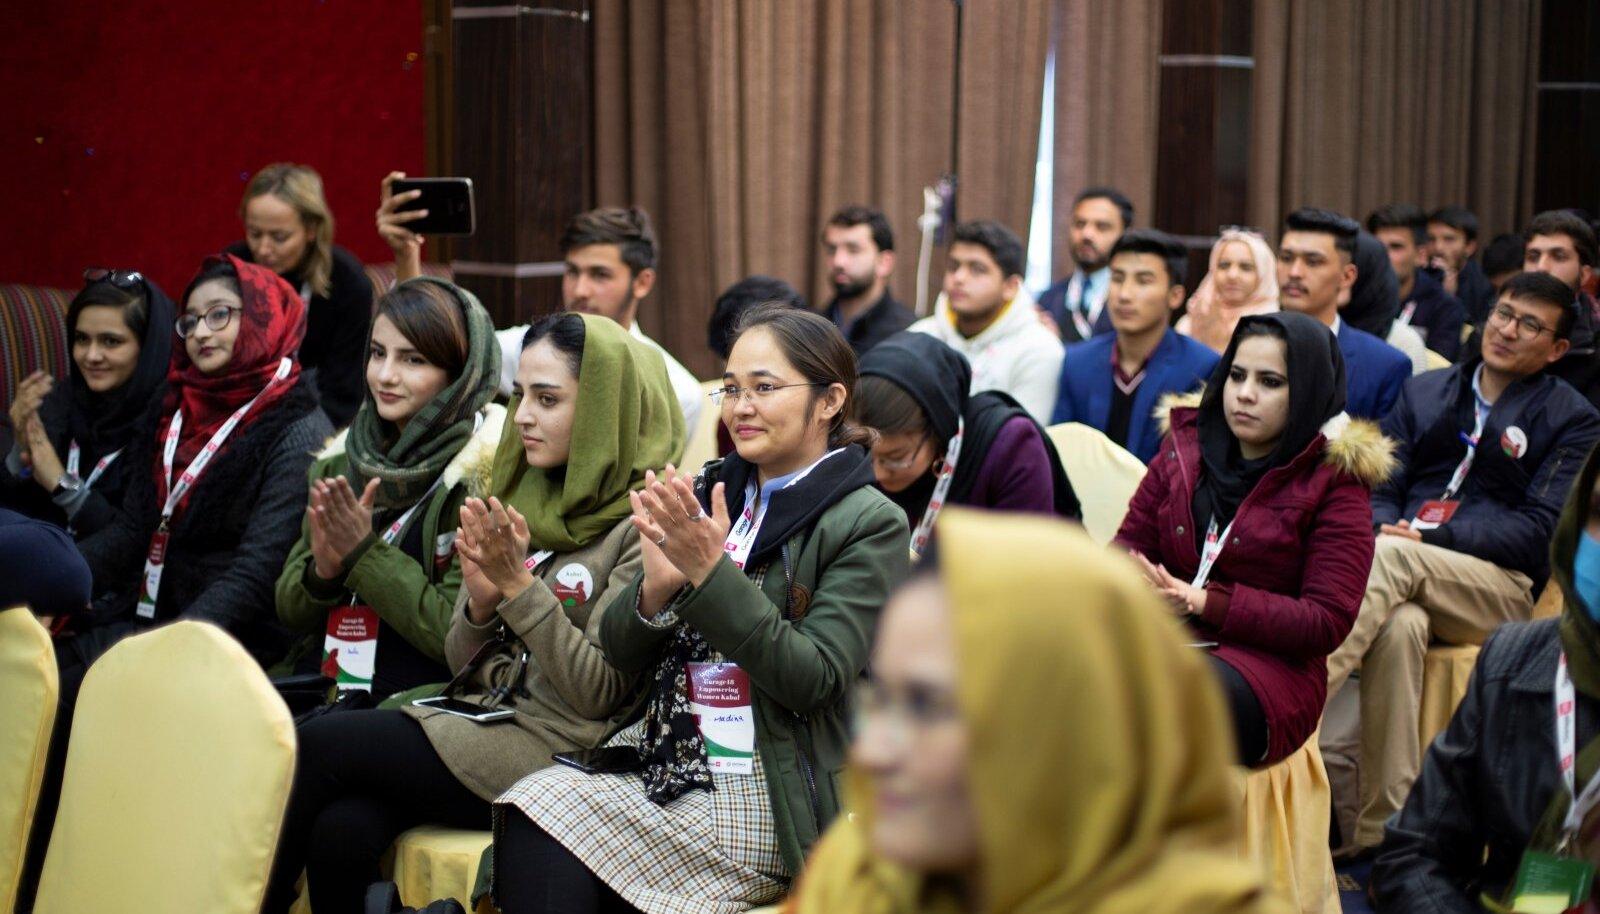 Eesti aitas Afganistani noortel IT-talentidel, kellest paljud on naised, oma unistustele lähemale jõuda. Nüüd, Talibani võimuletulekuga on nad sattunud väga keerulisse olukorda.